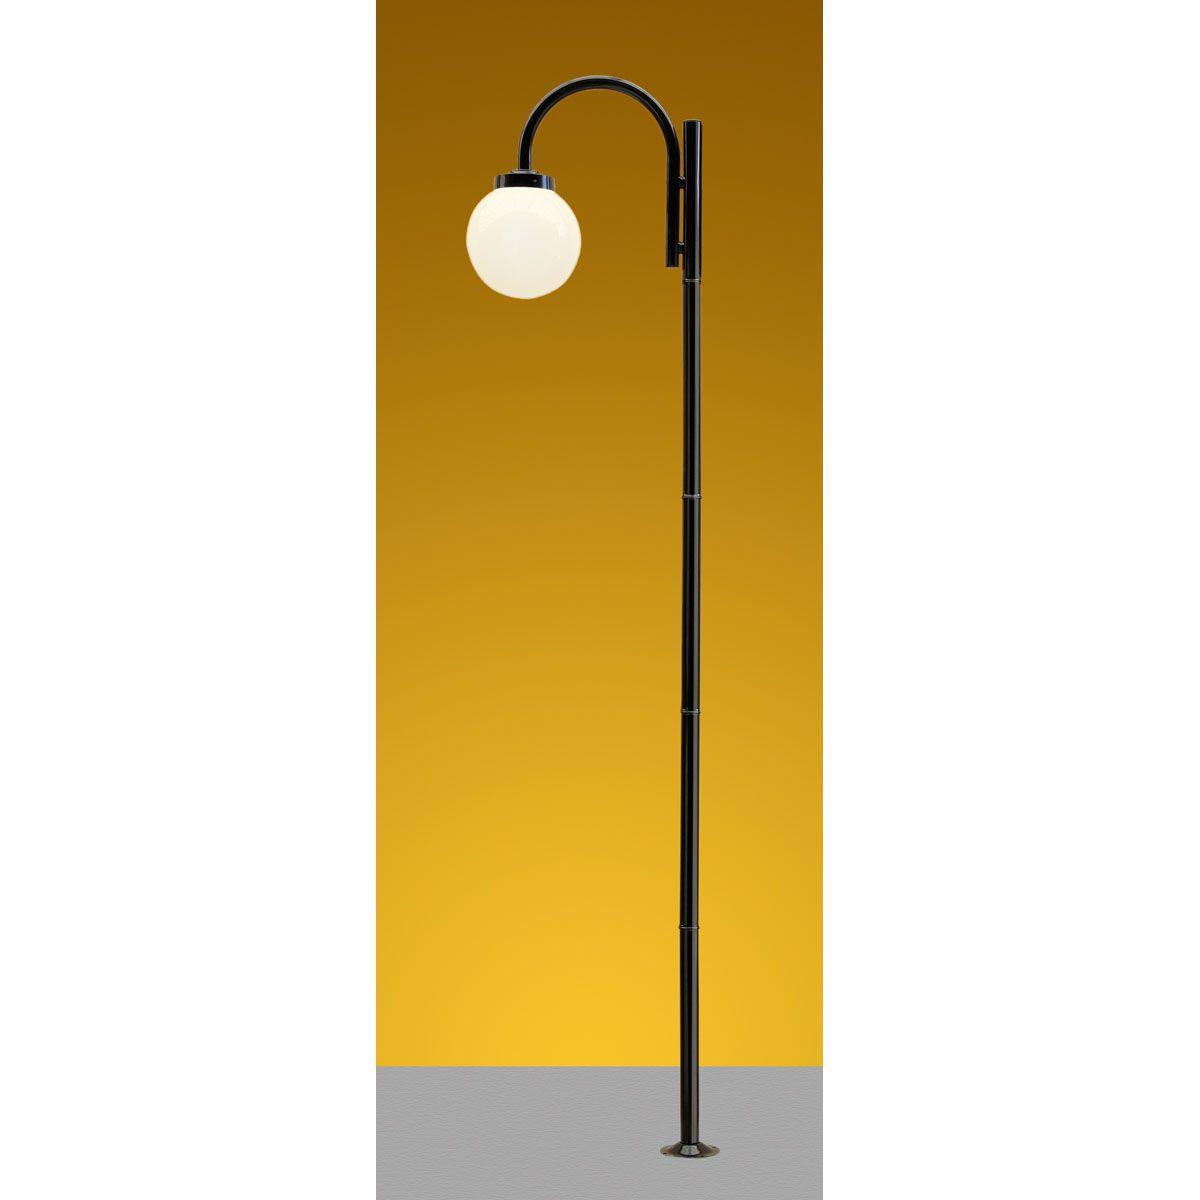 Poste Solarium 01 E27 275m globo boca 15cm (não incluso) - Preto